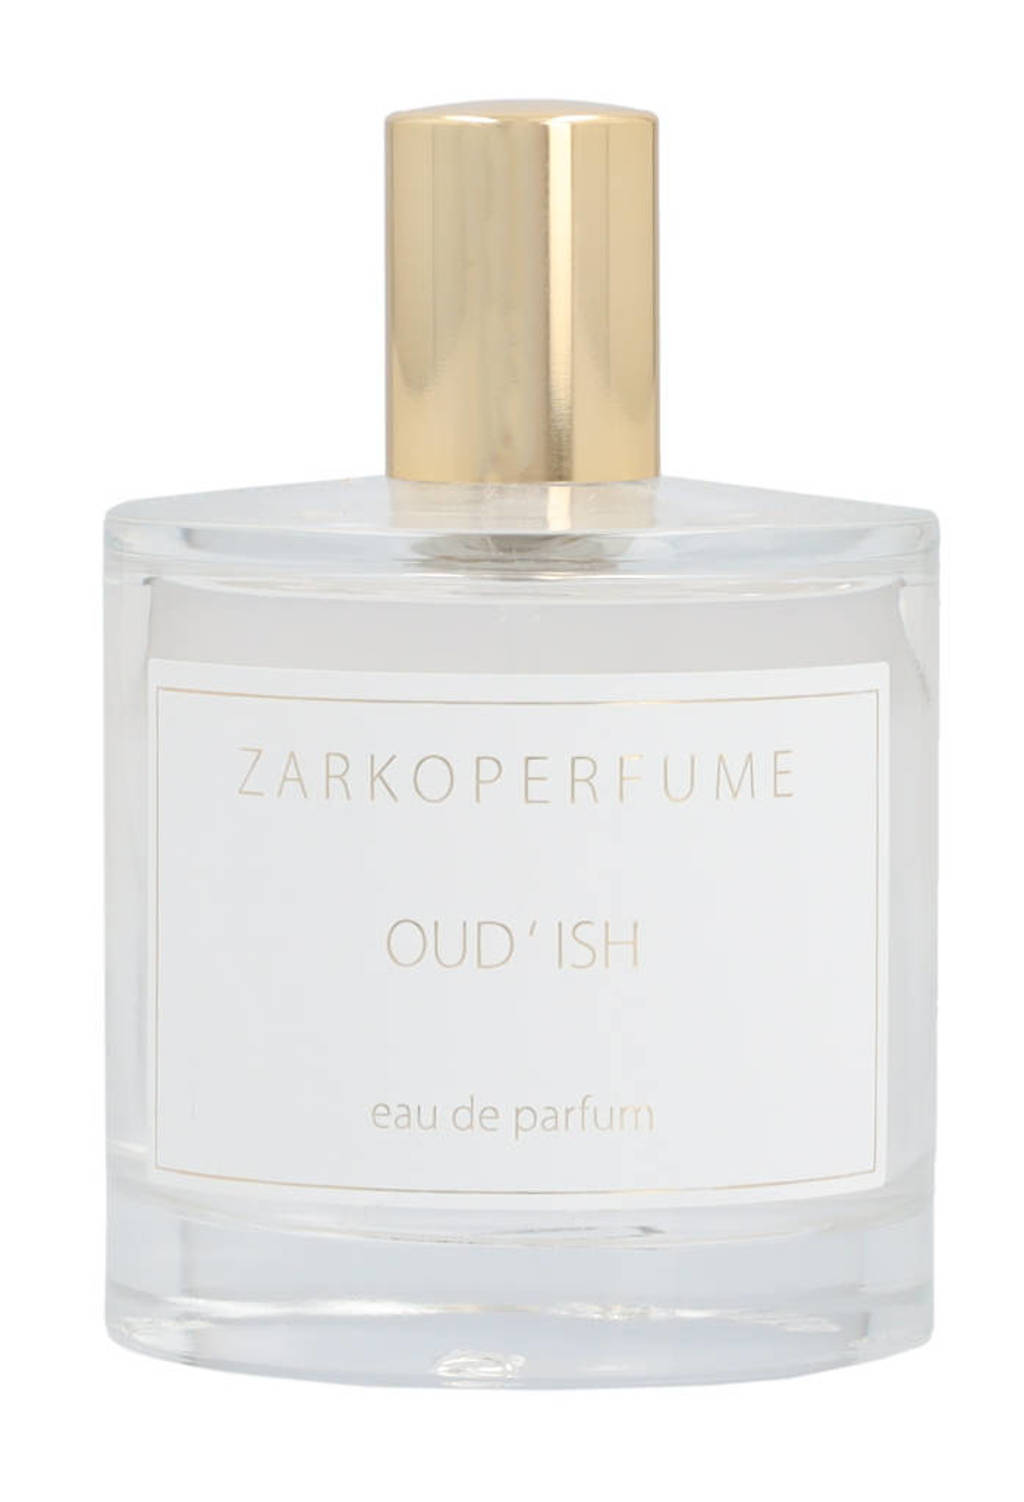 Zarko Oud'Ish eau de parfum - 100 ml